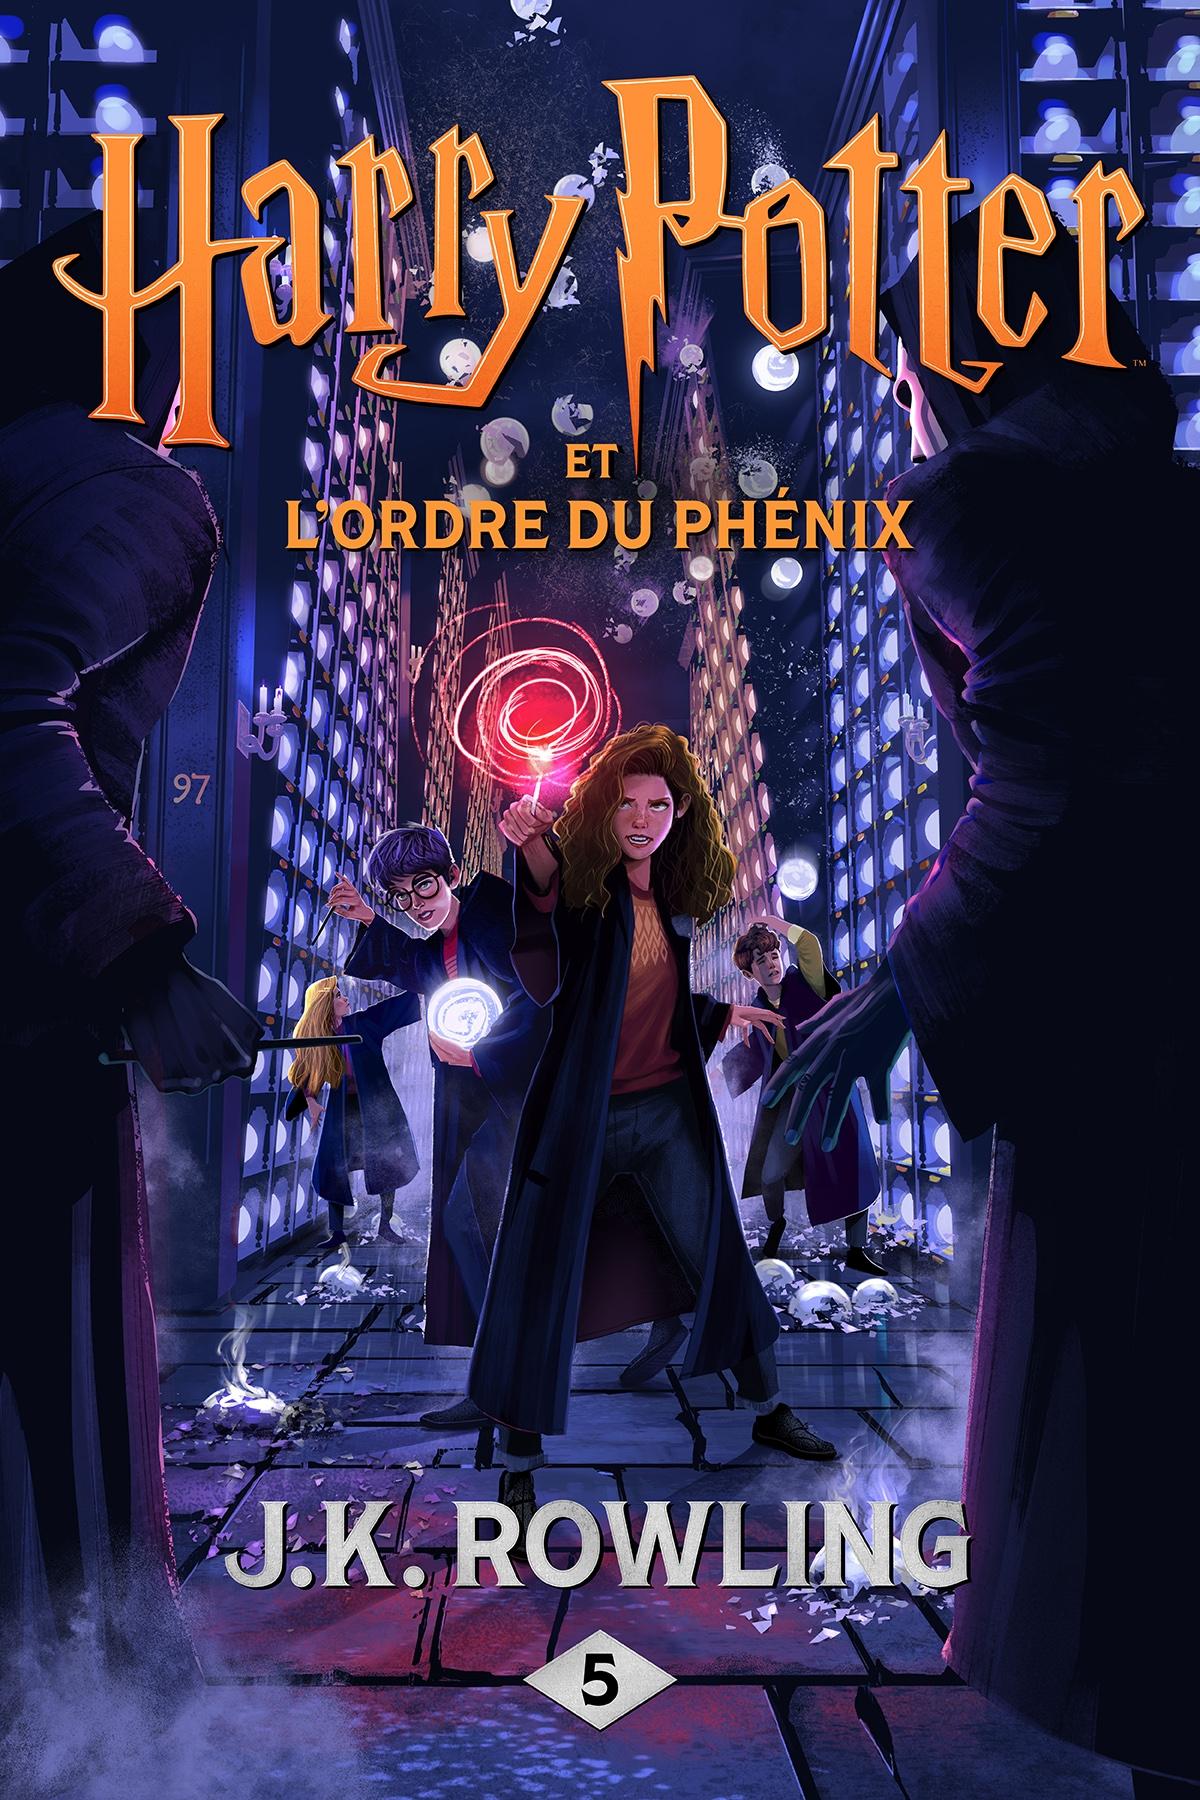 Couverture : Harry Potter T.5 : Harry Potter et l'Ordre du Phénix J.k. Rowling